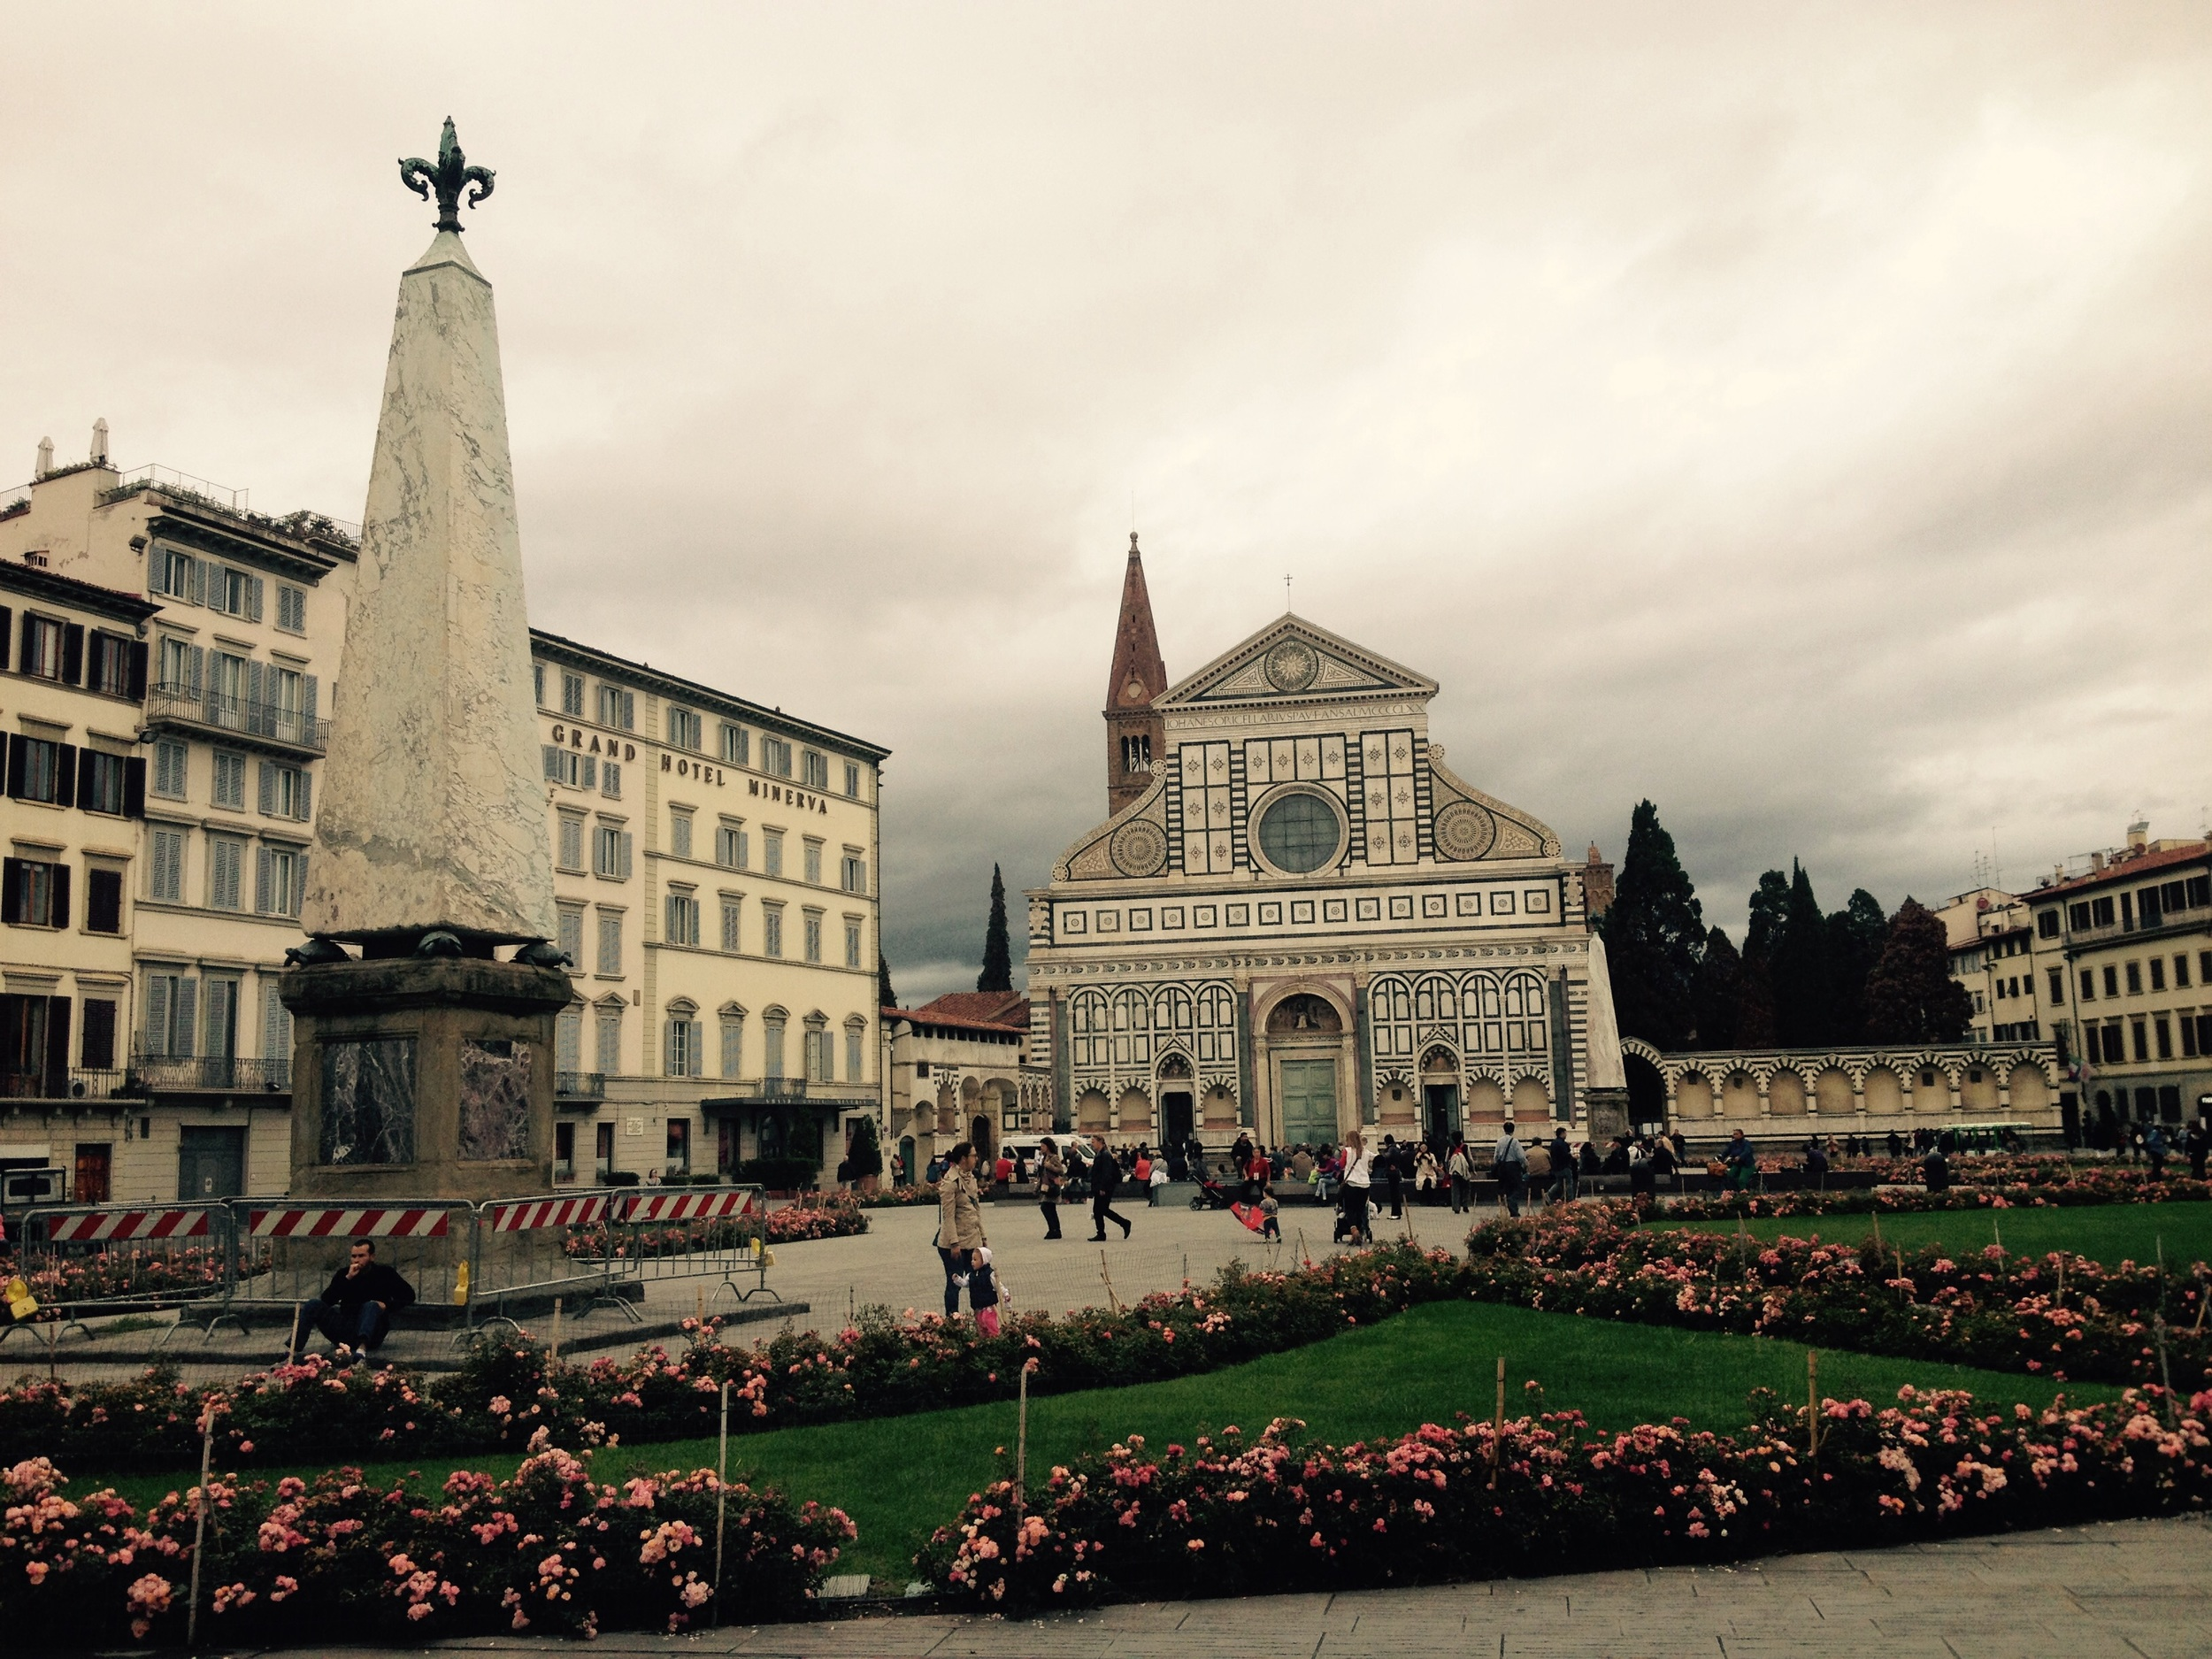 La iglesia franciscana de Santa María Novella está localizada junto a la estación central de trenes de igual nombre. Foto: Bruny Nieves